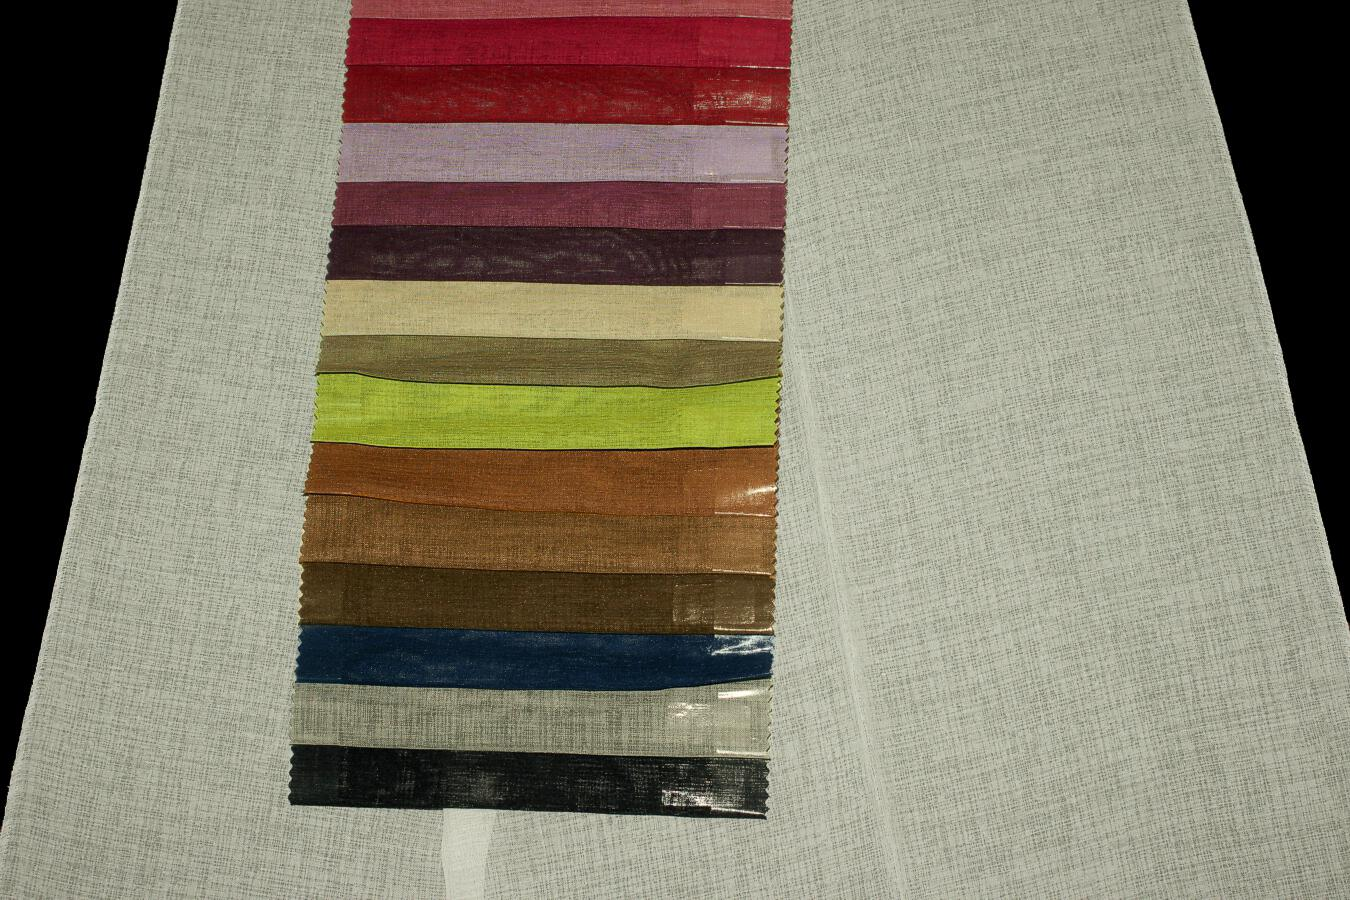 Záclona Mira 300 cm s olůvkem 327 tmavě růžová